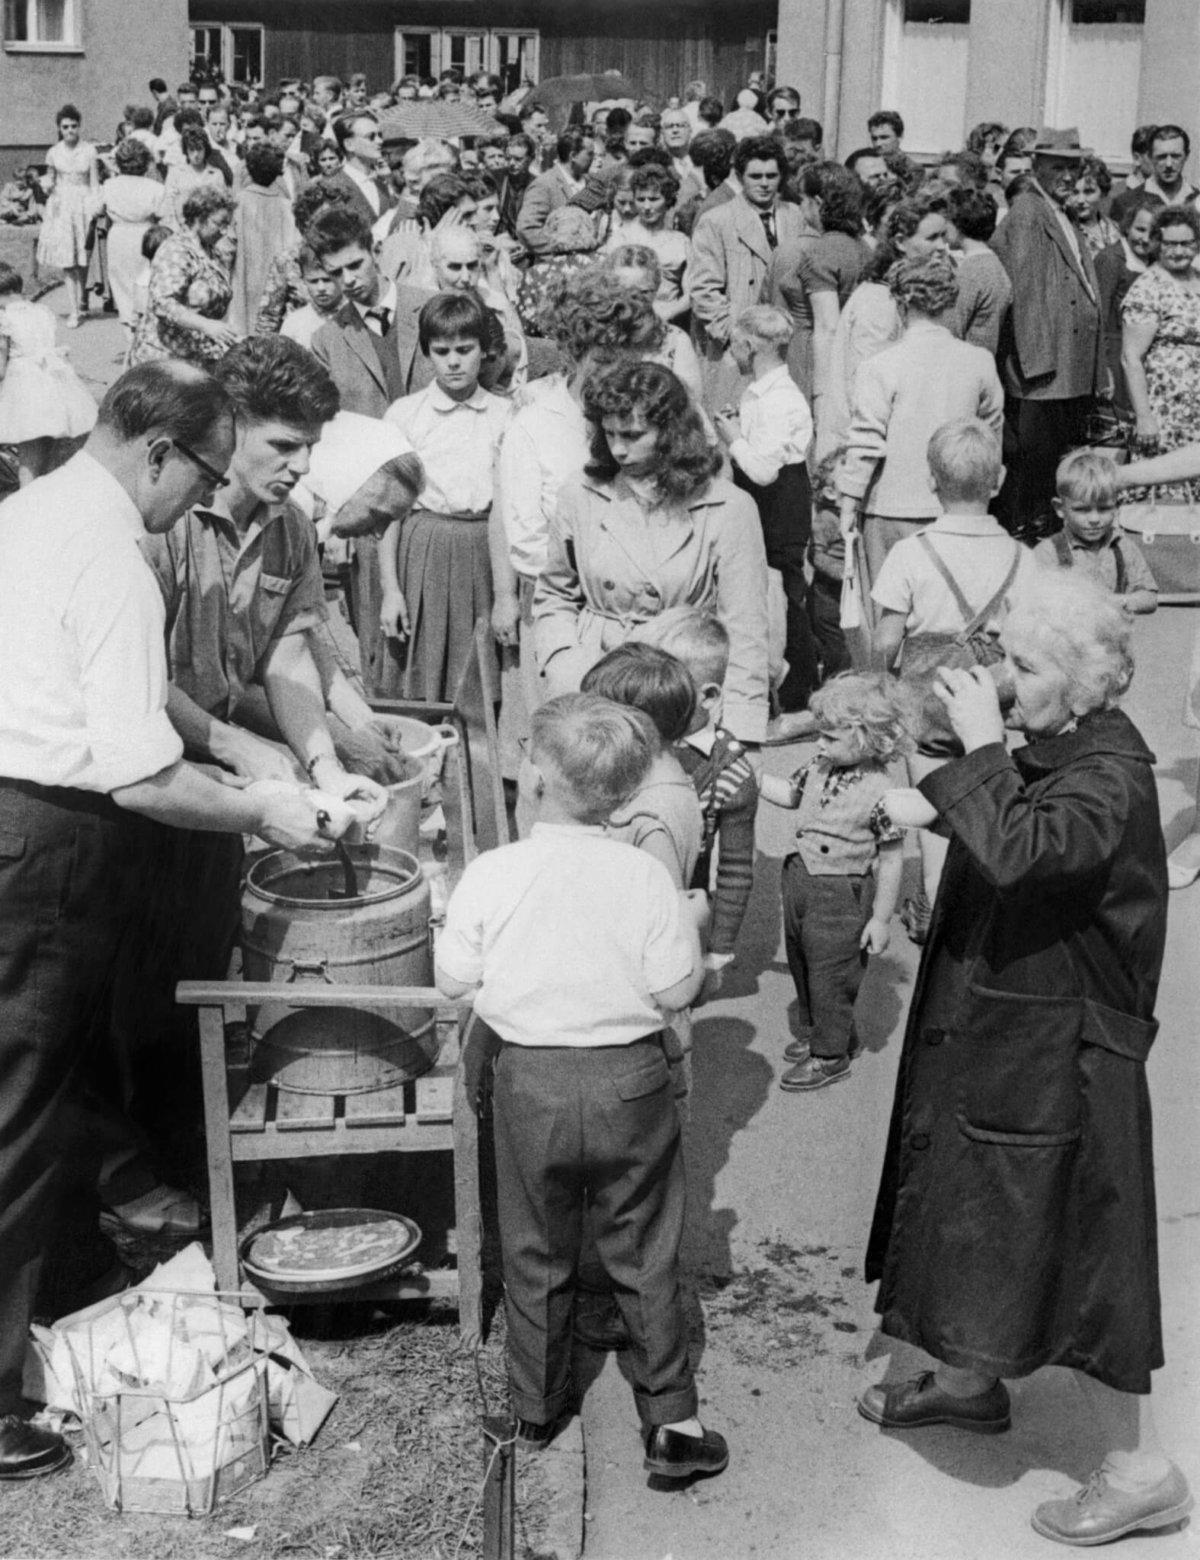 1961年8月13日,東德難民在Marienfeld難民接待中心等待食物分發,他們因為柏林圍牆的修建而逃離東柏林。(圖片:法新社)